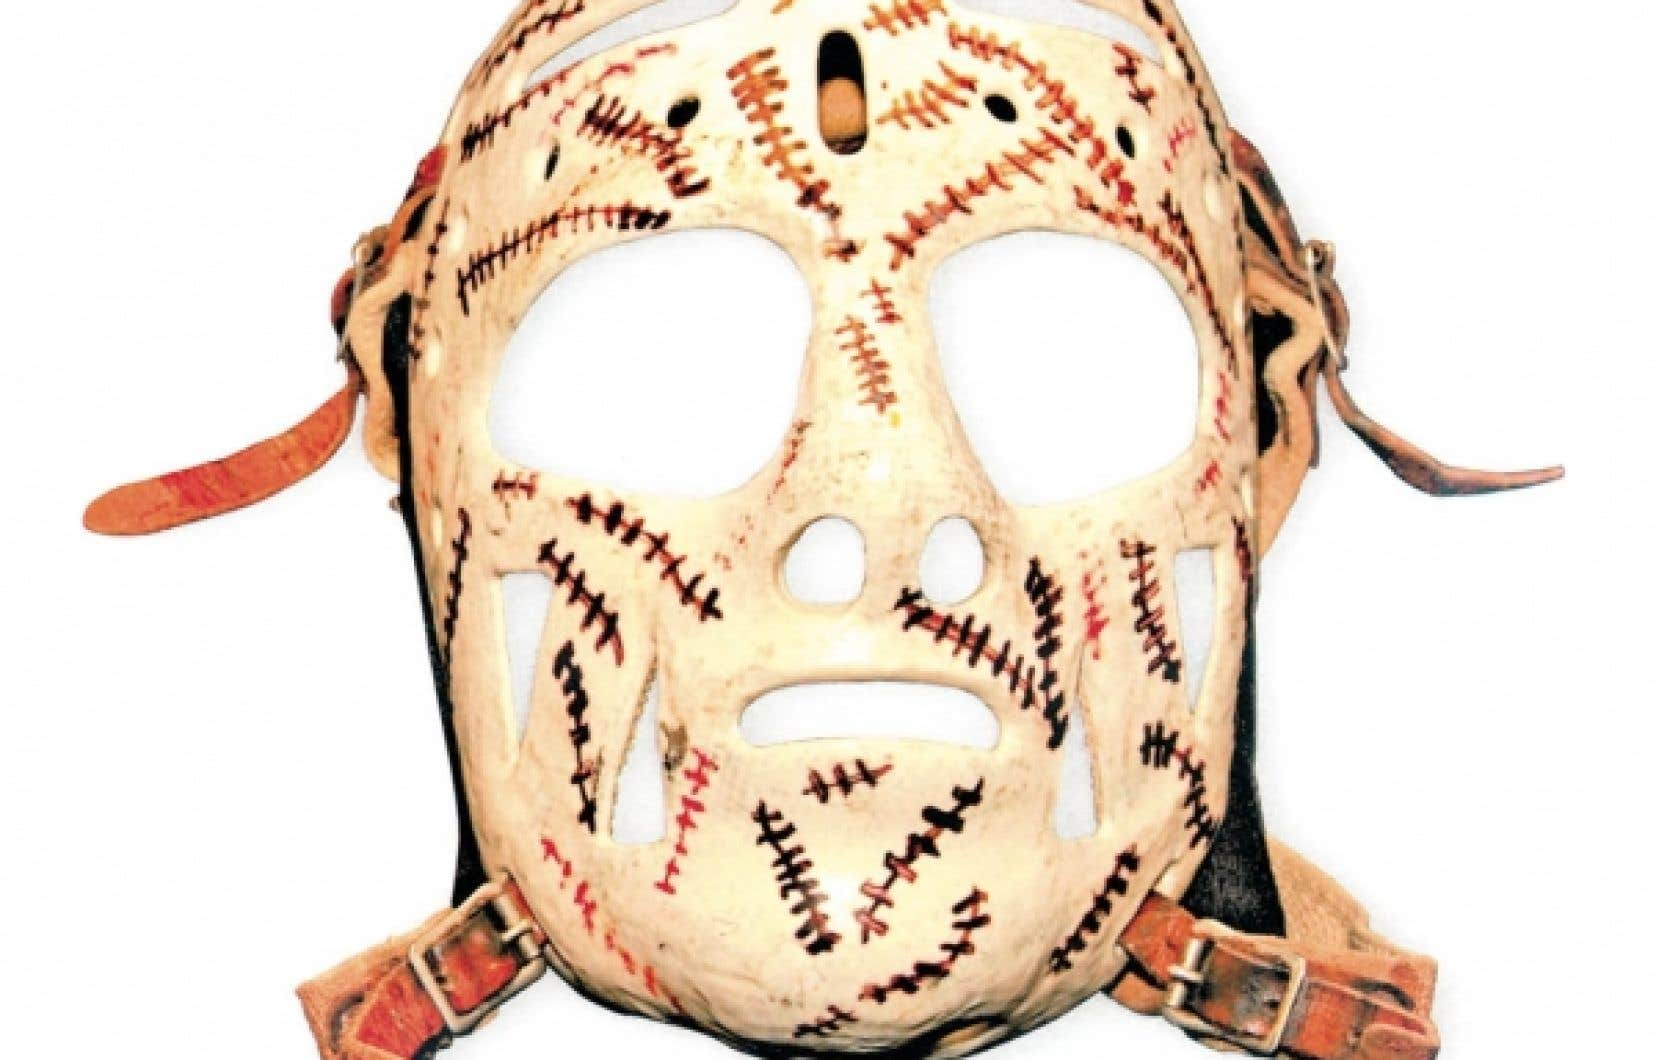 Le masque de Gerry Cheevers, conçu par John «Frosty» Forristall